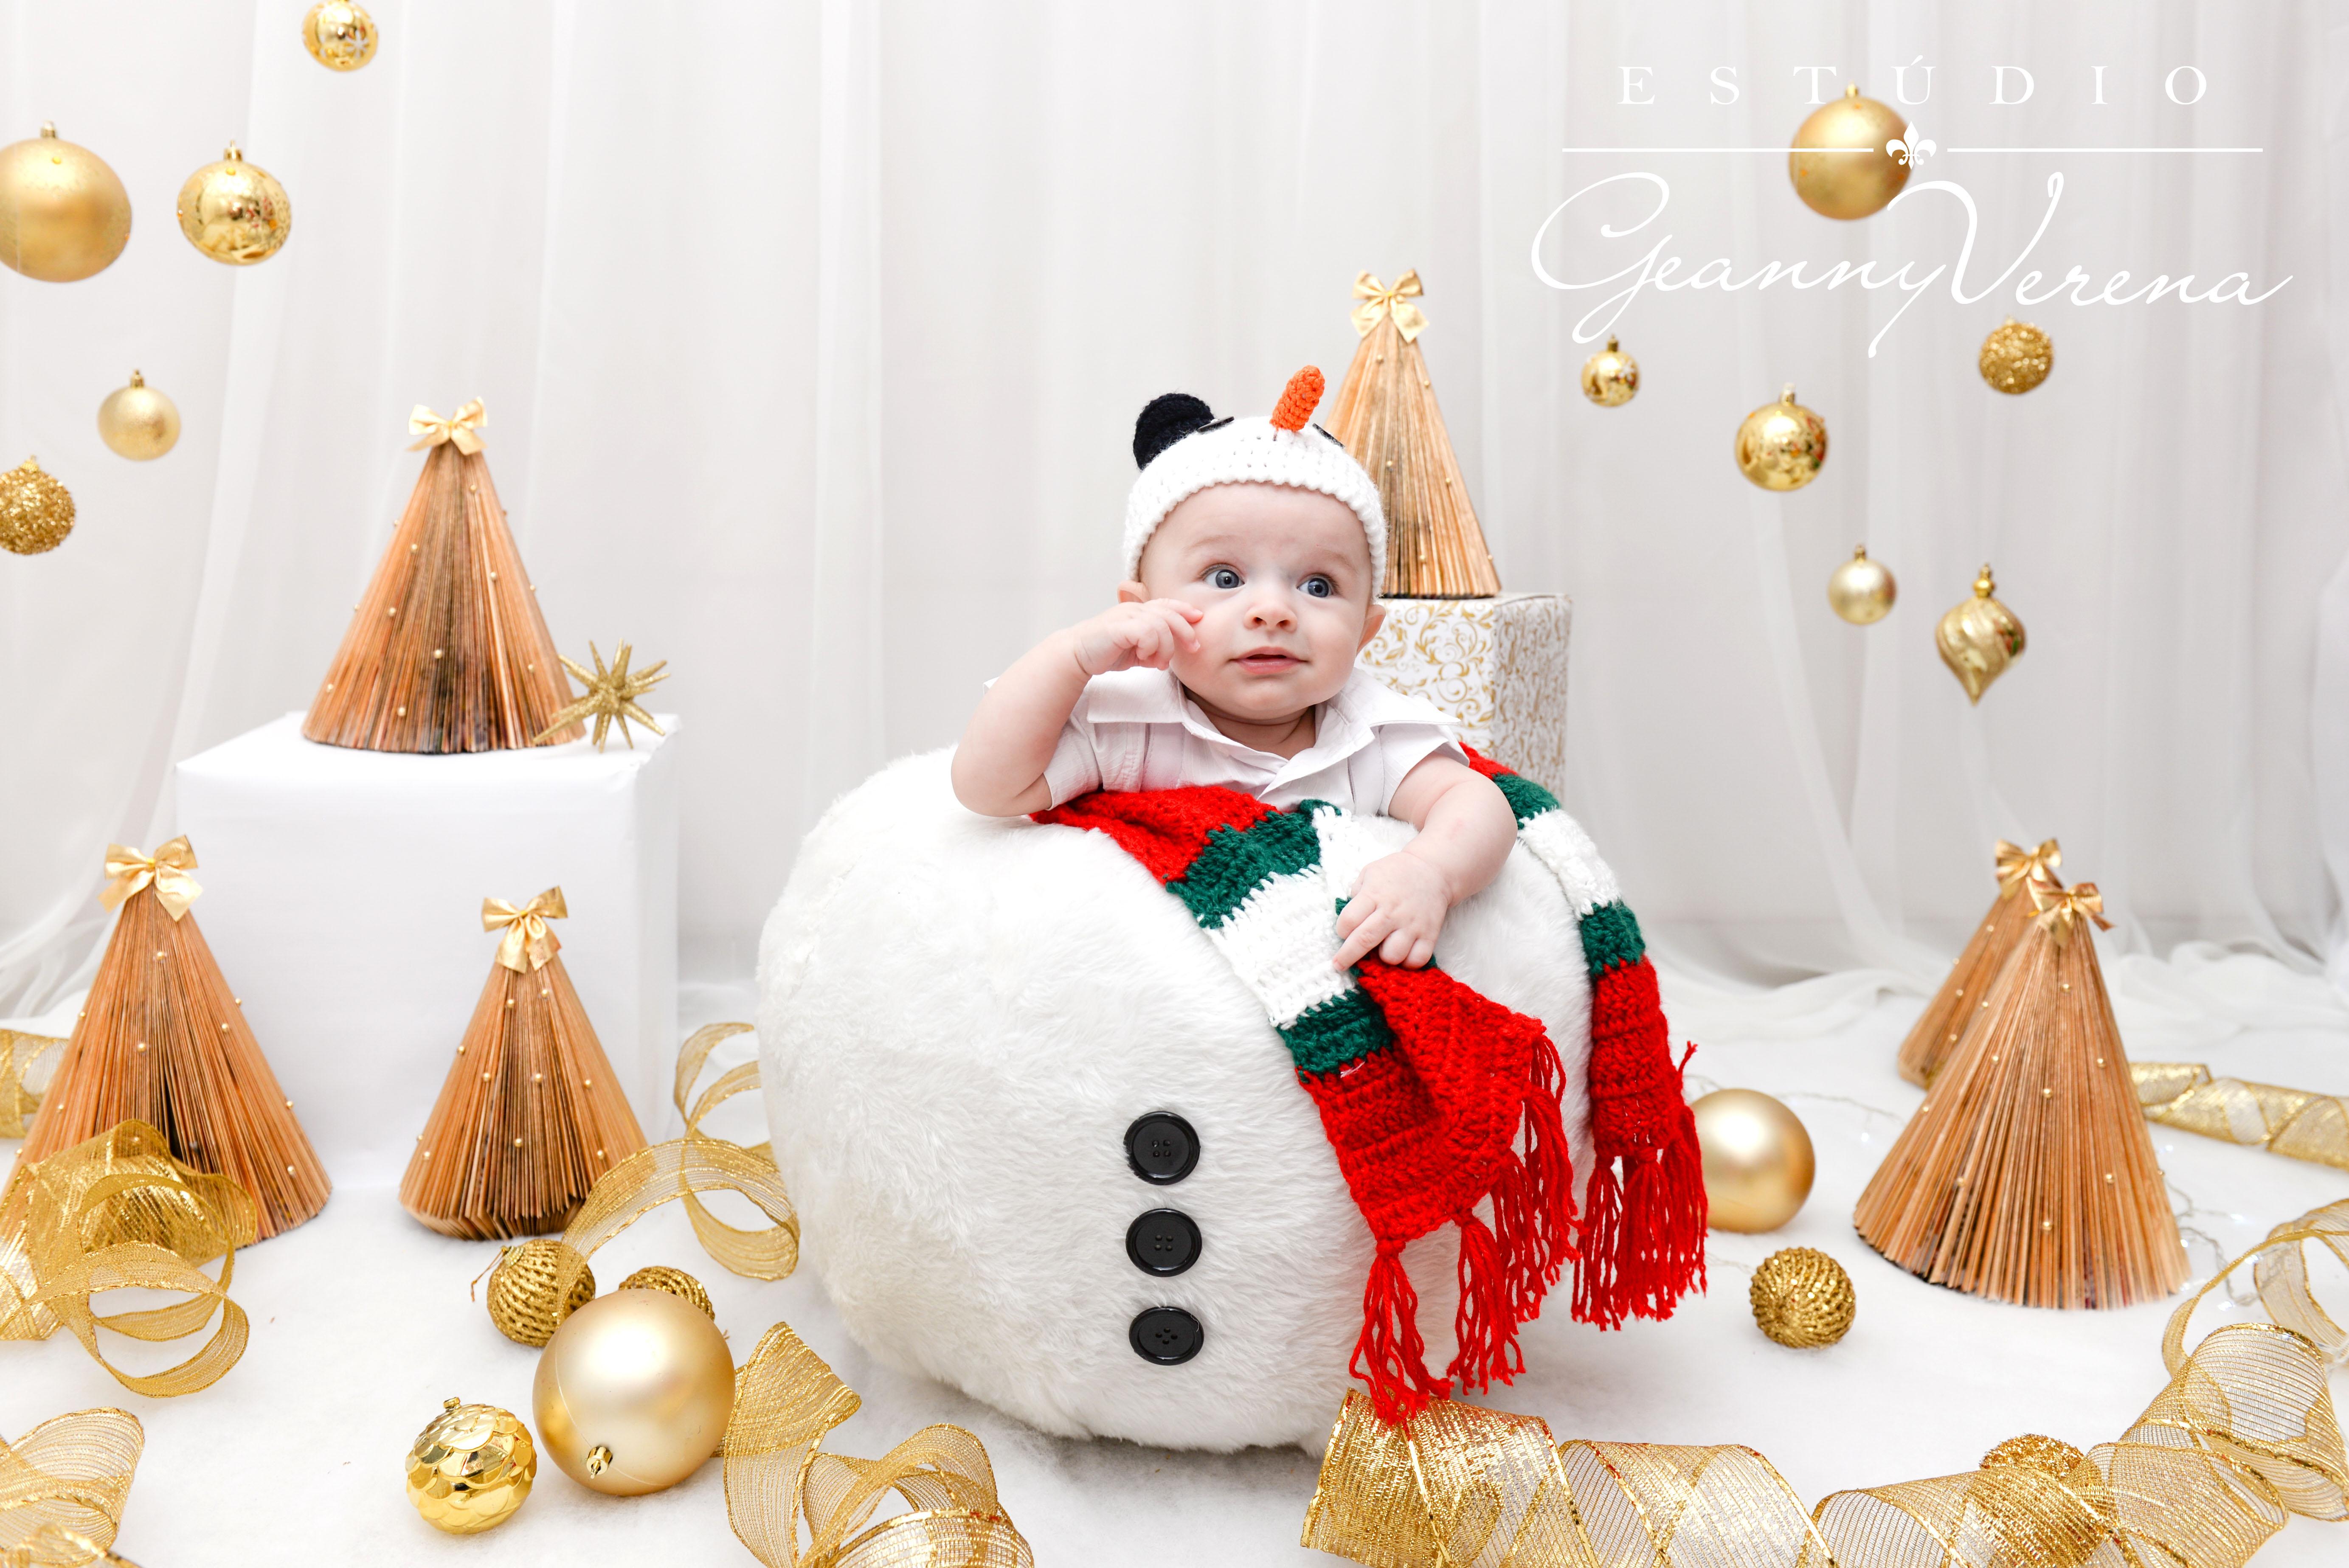 Ensaio com boneco de neve